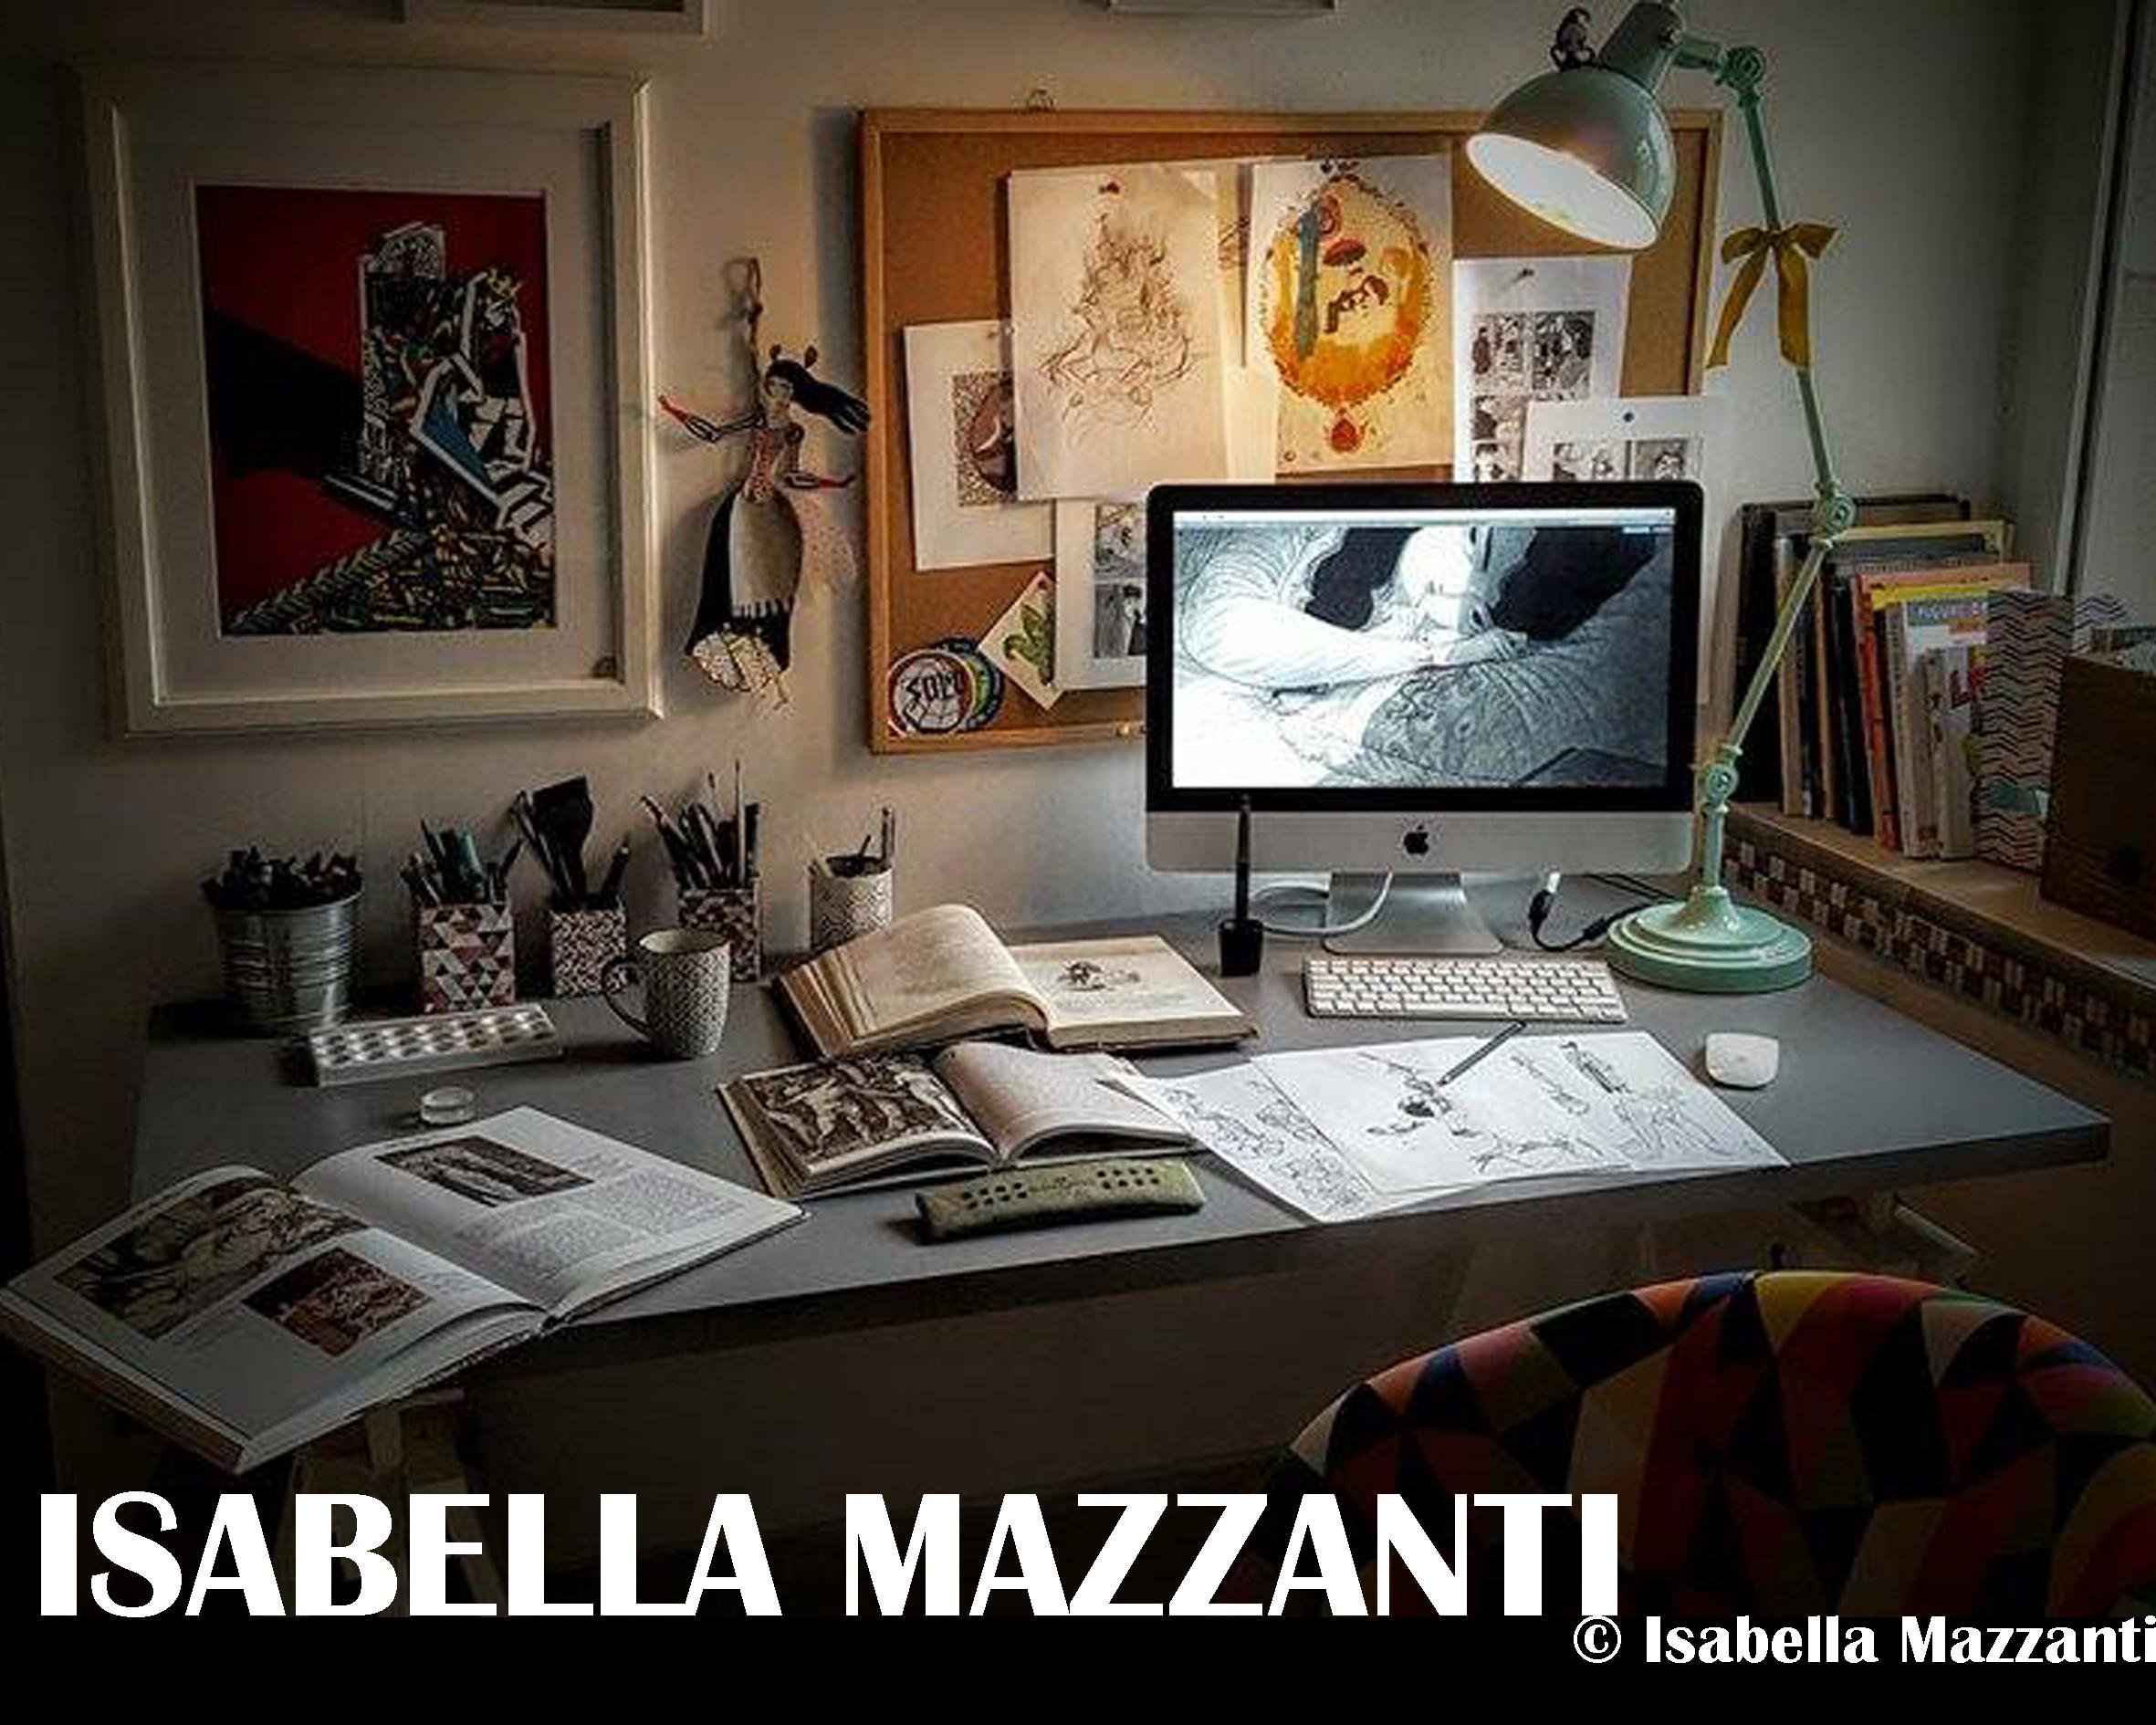 Isabella Mazzanti